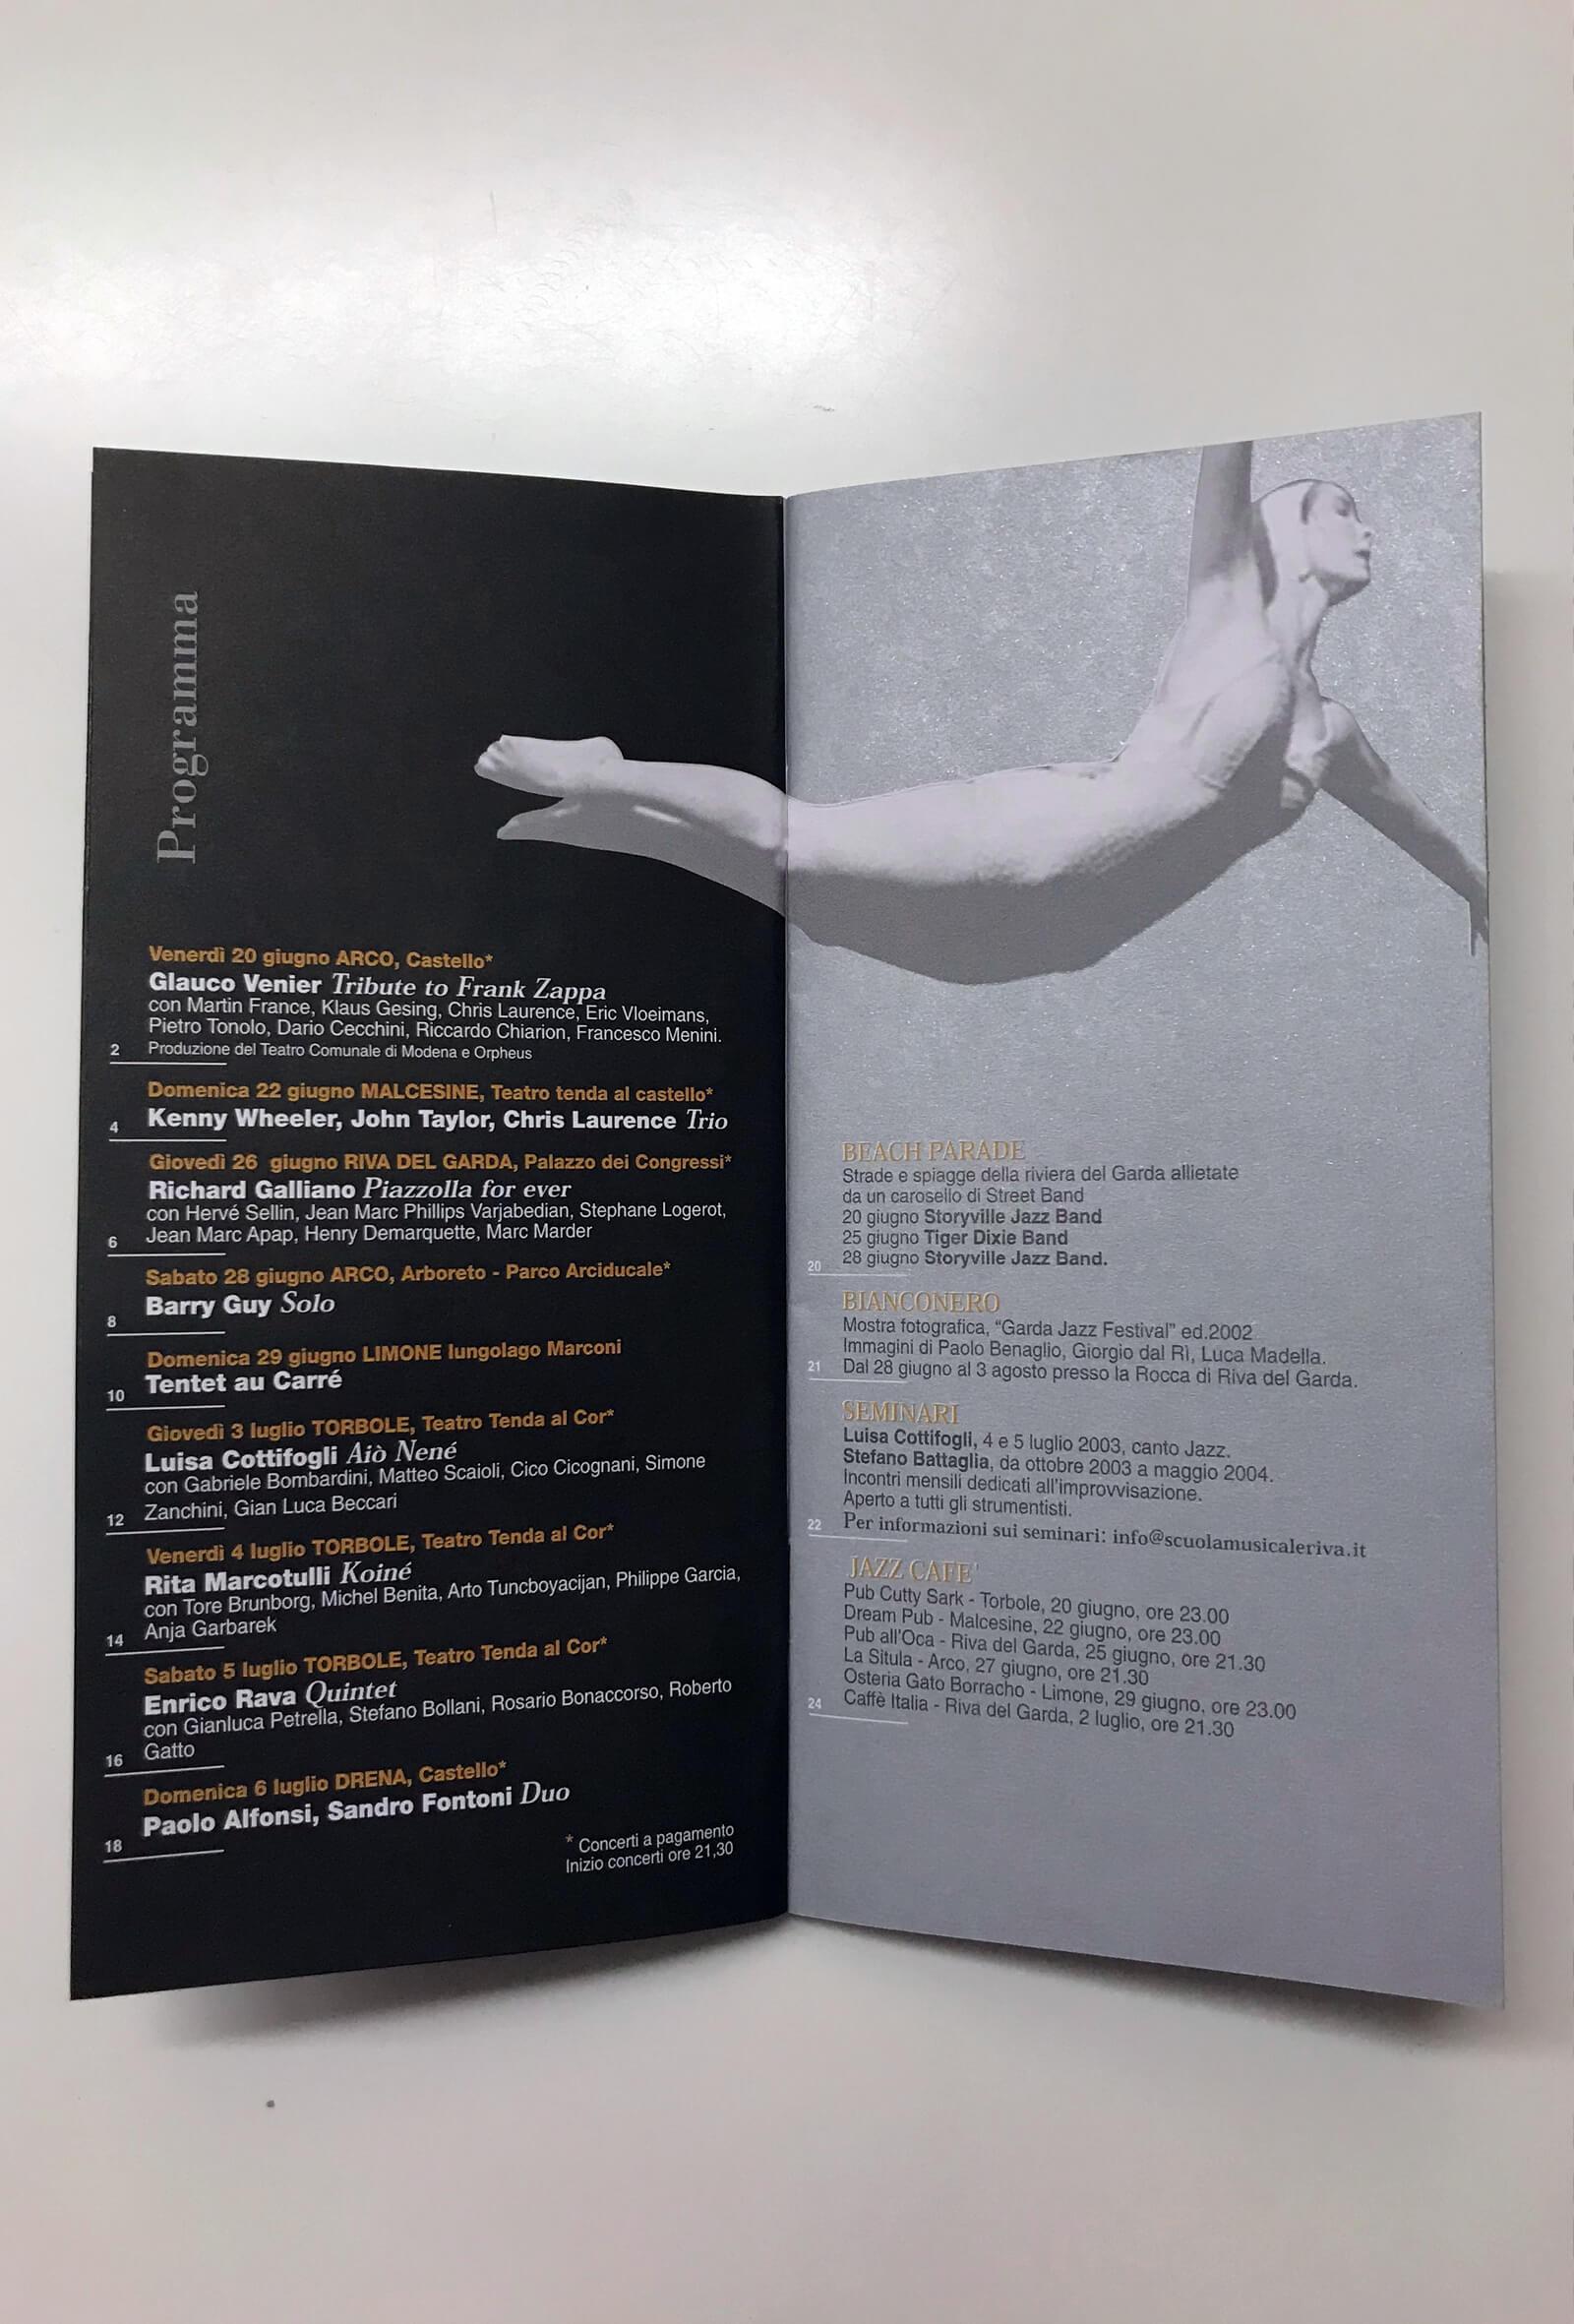 pagine interne del pieghevole programma eventi per garda jazz festival, progettato dallo studio grafico diade arco di trento